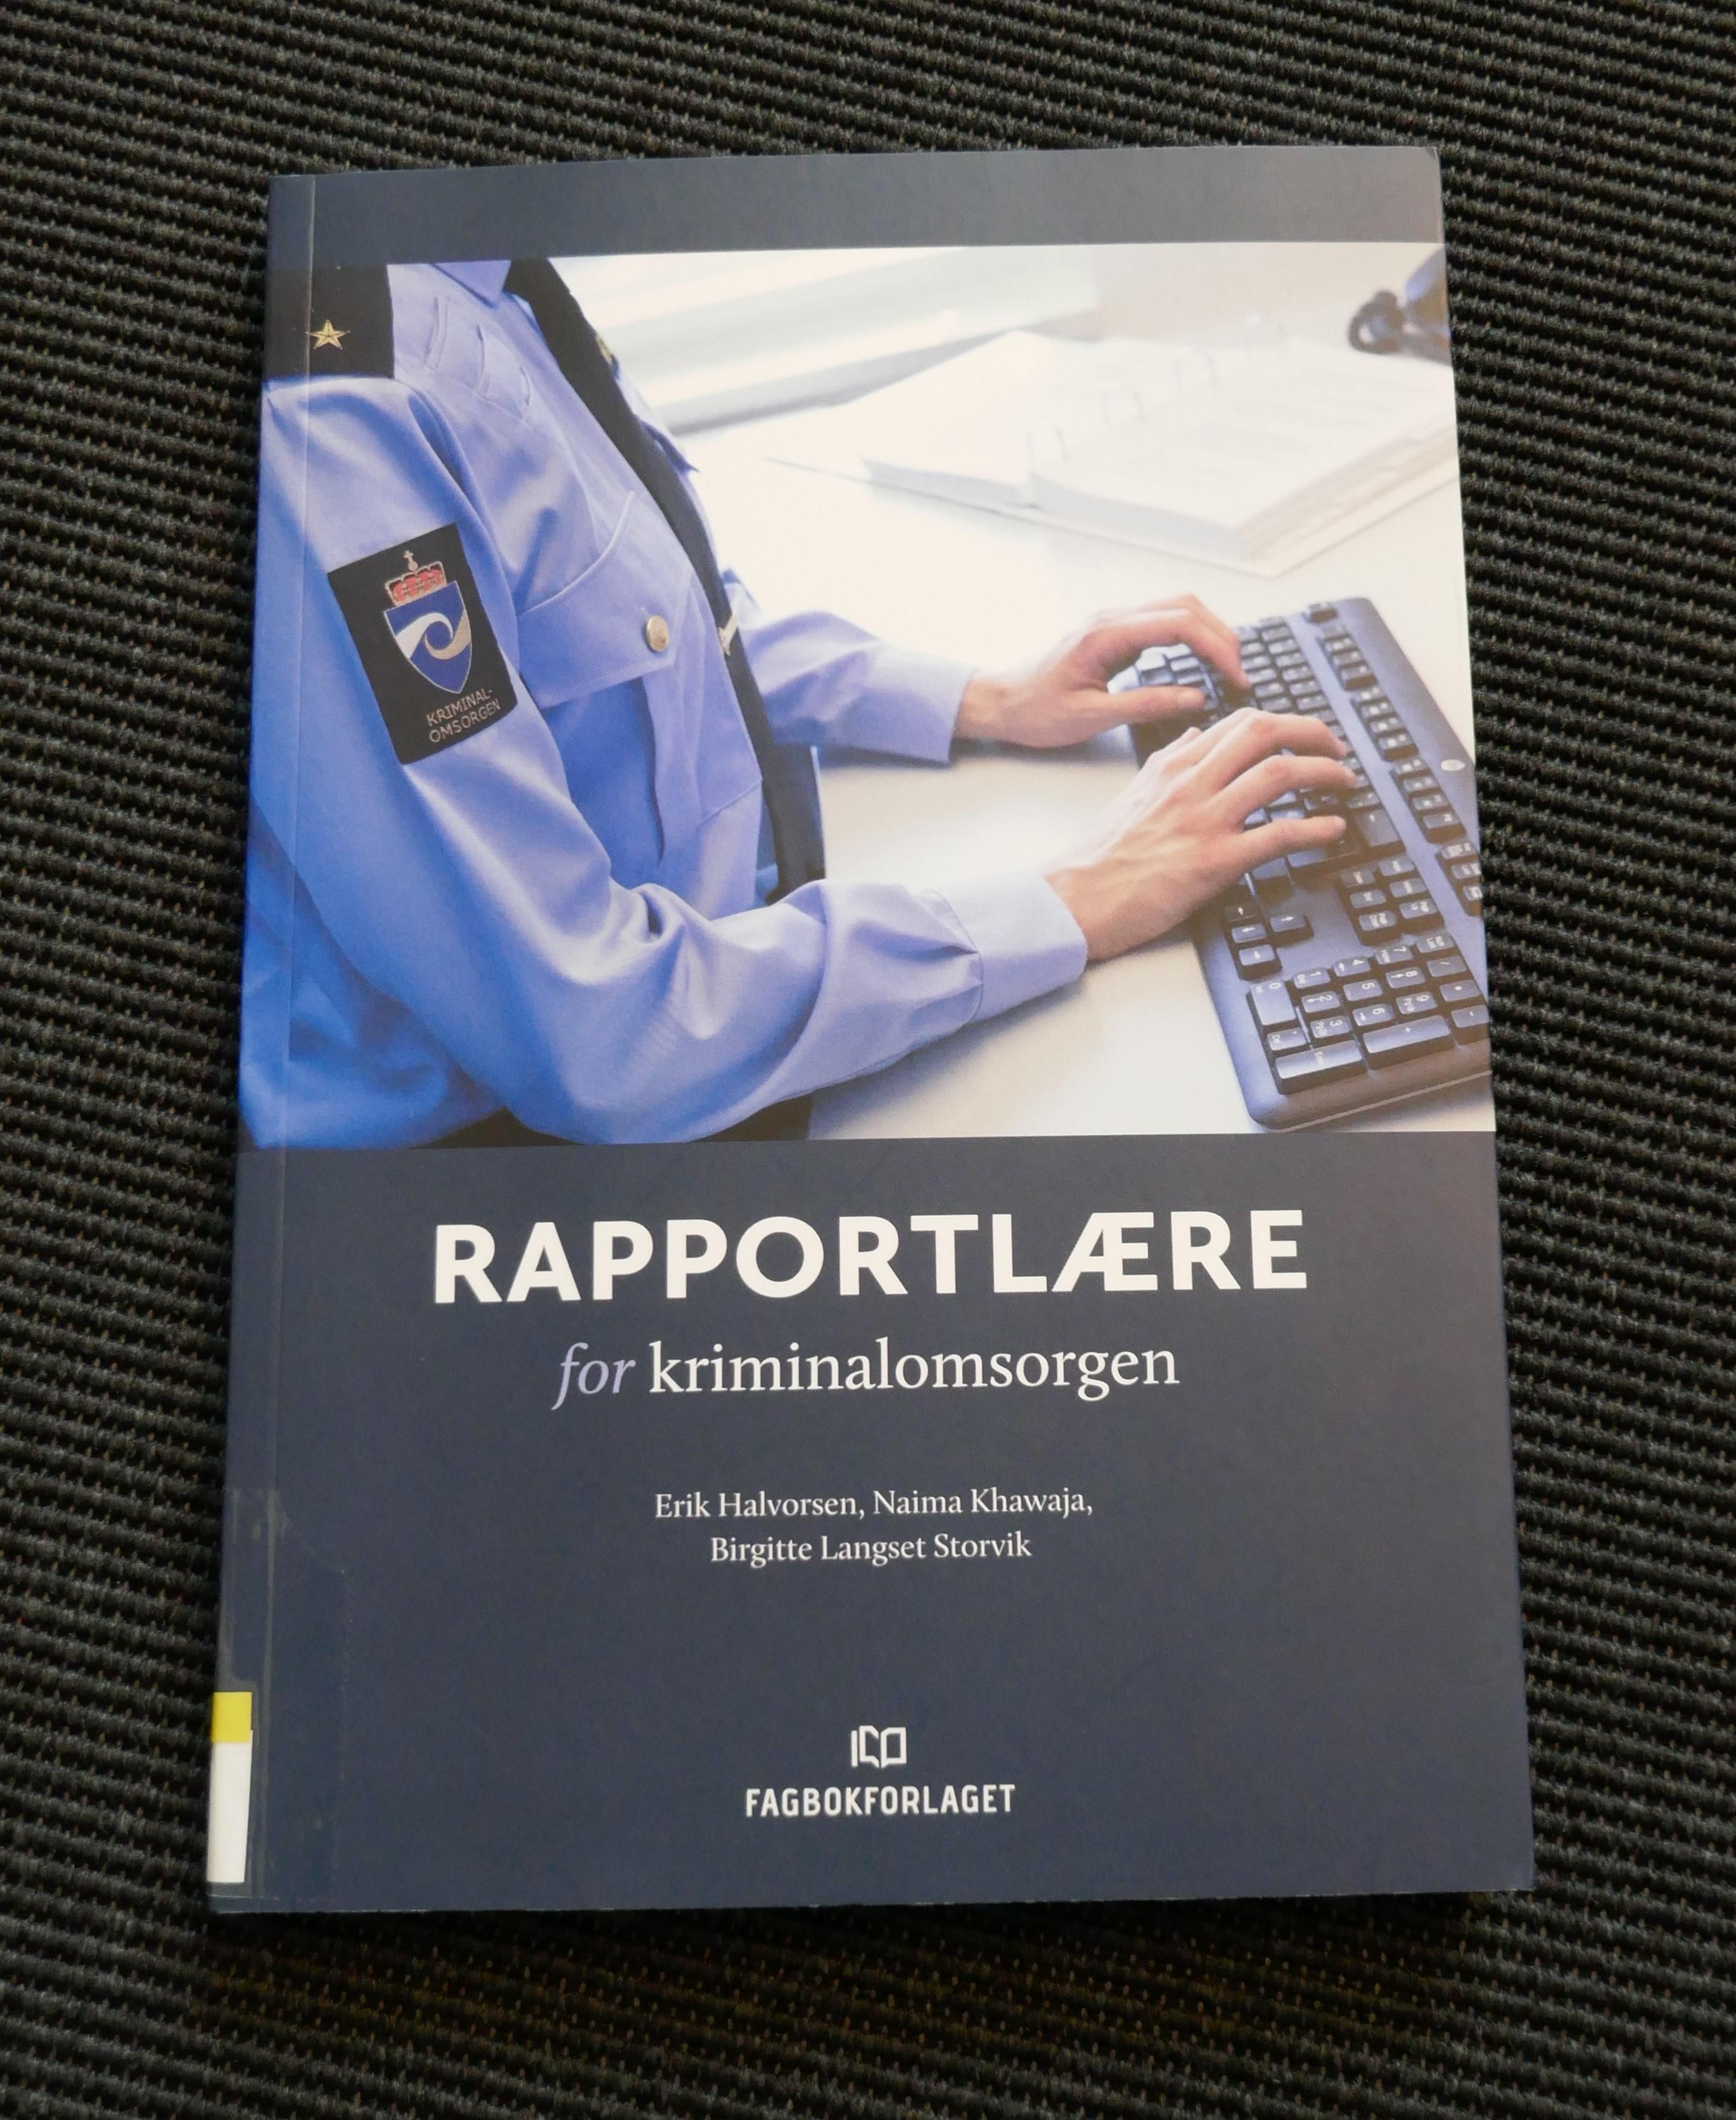 Rapportlære - forside på boka.jpg